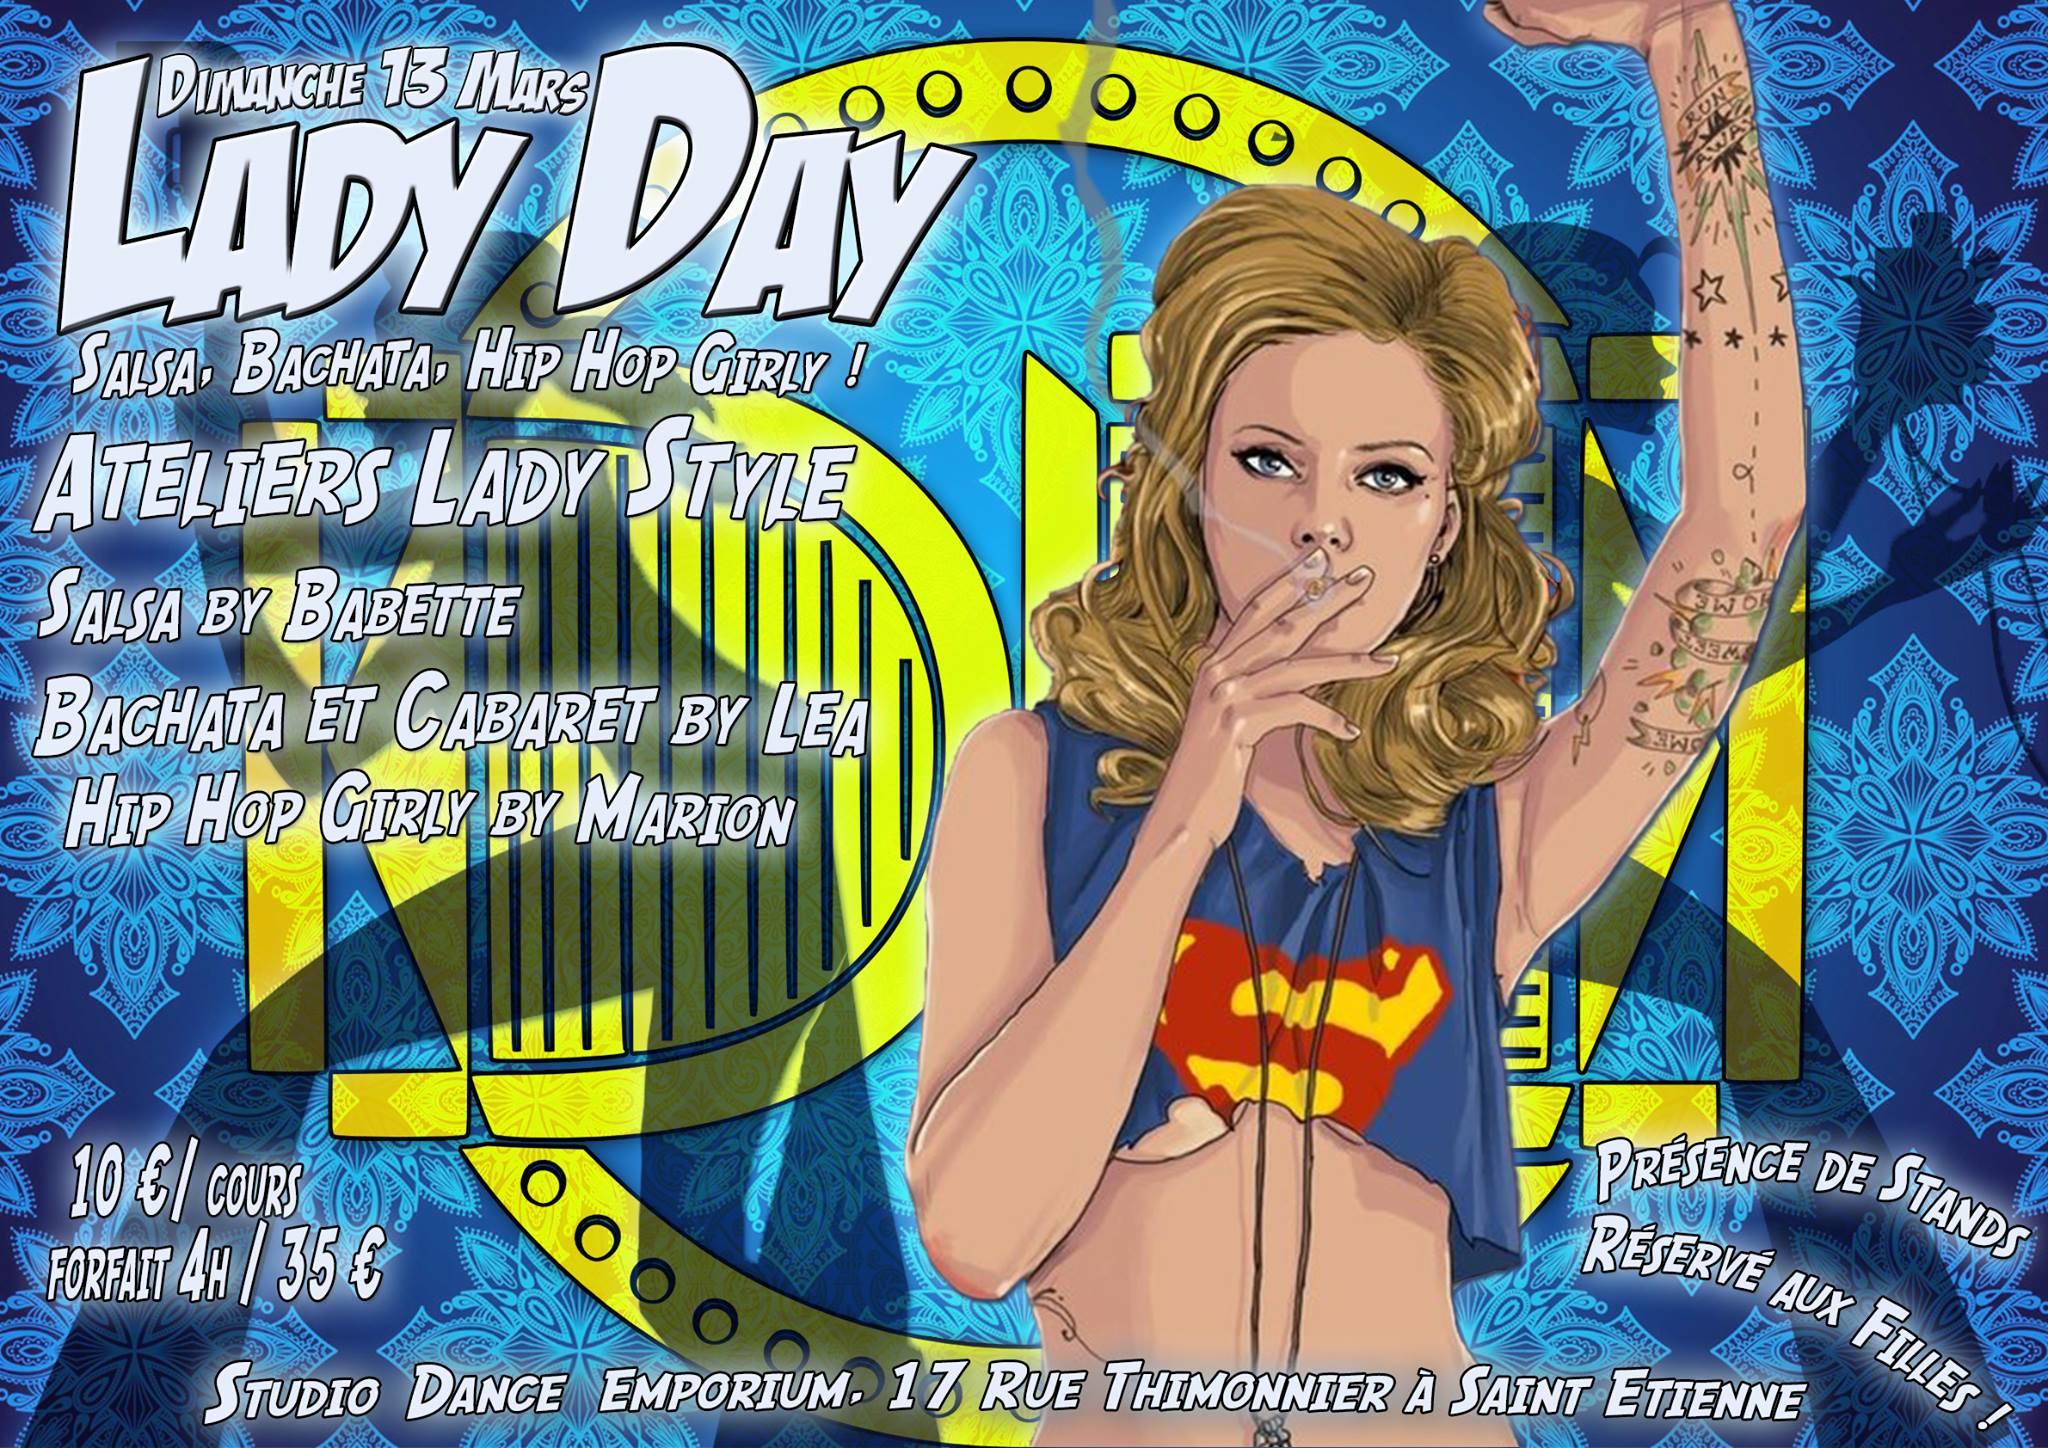 Dimanche 13 mars Lady Day à St Etienne